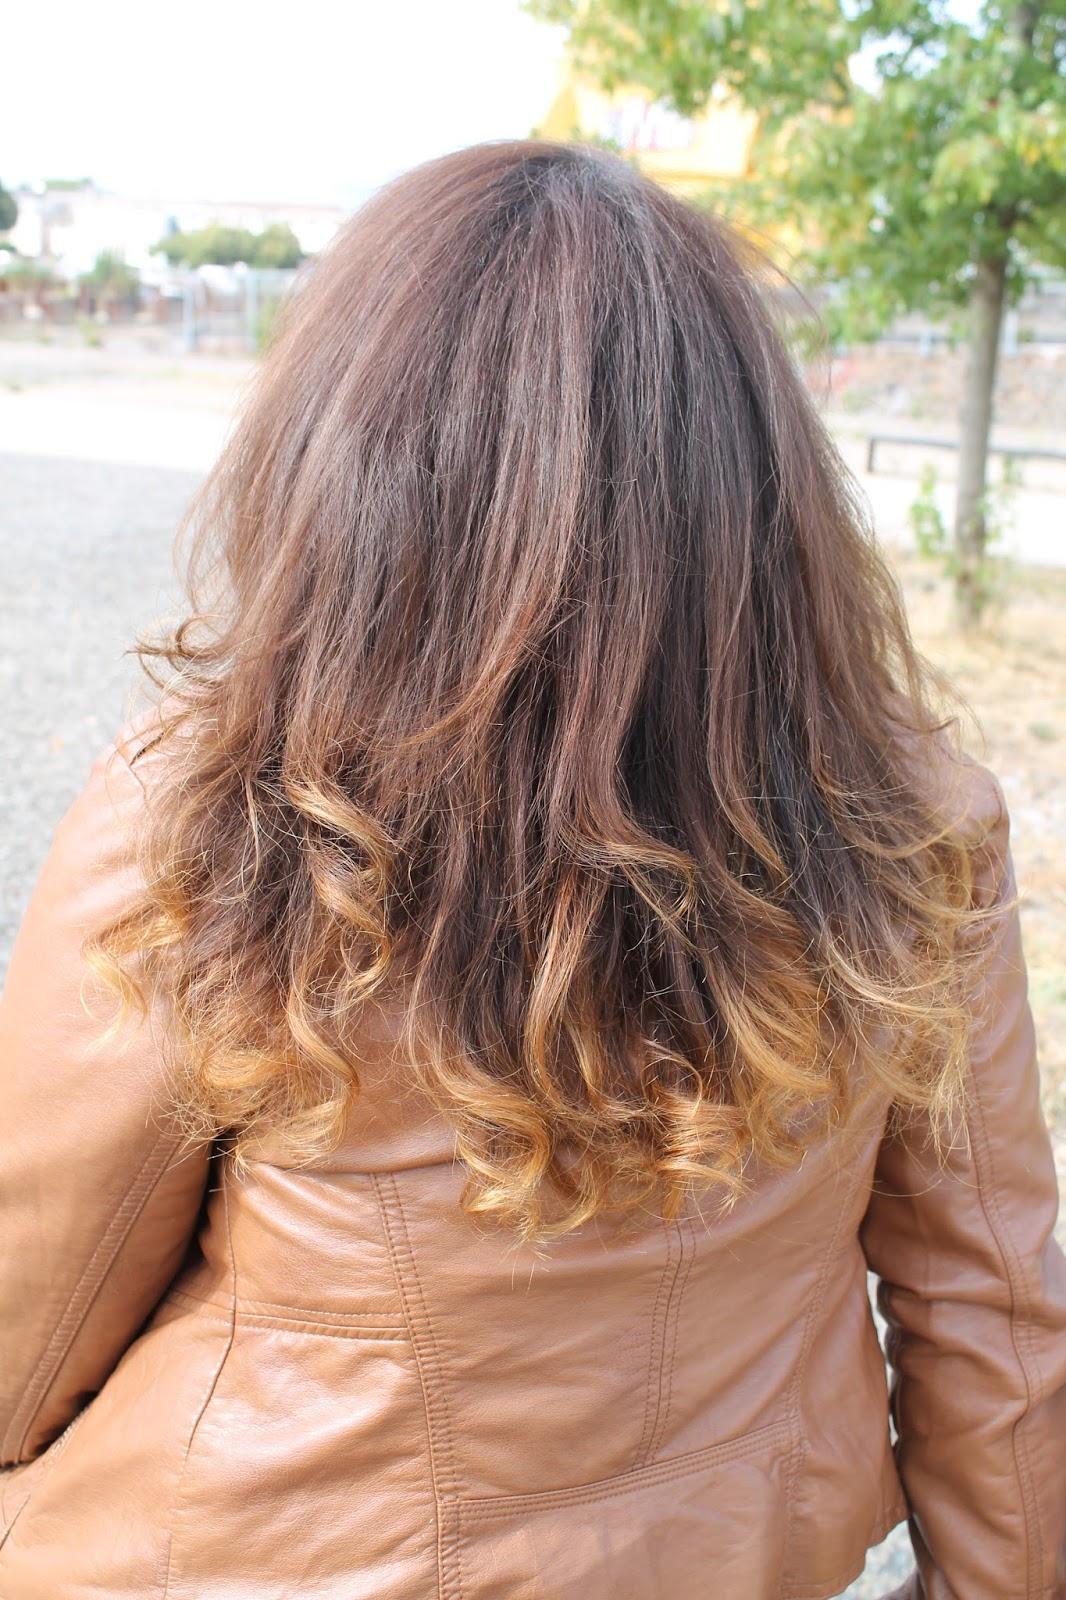 la seconde solution est de le faire soi mme tu passes souvent par cette case quand le coiffeur a rat ton ombr l pour le coup il ne faut pas avoir - Ombr Hair Maison Sur Cheveux Colors